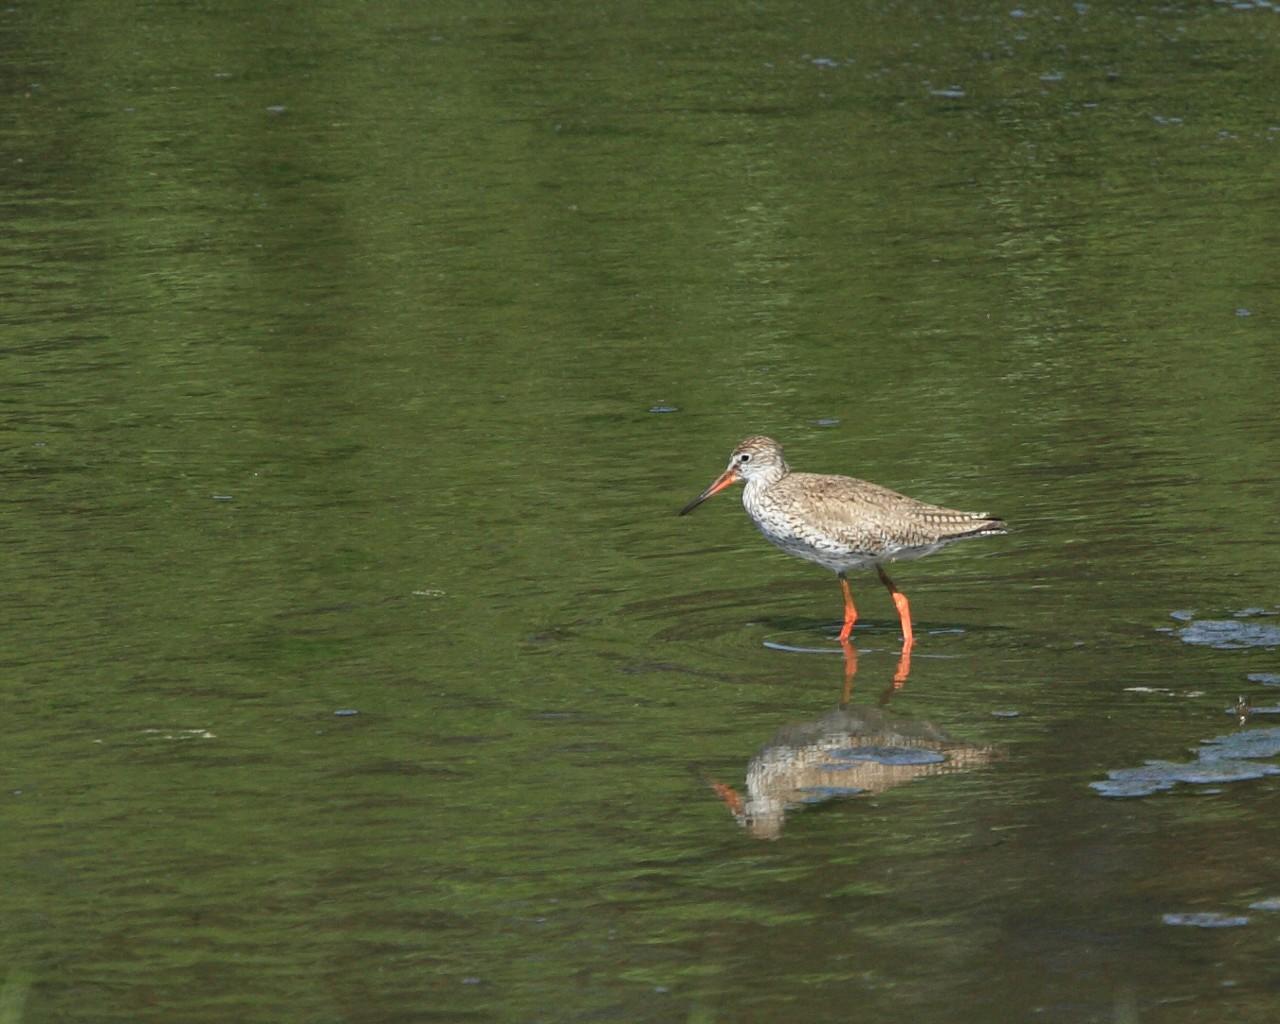 アカアシシギは遠目からでも紅い脚が目立ちます。_f0105570_214547.jpg